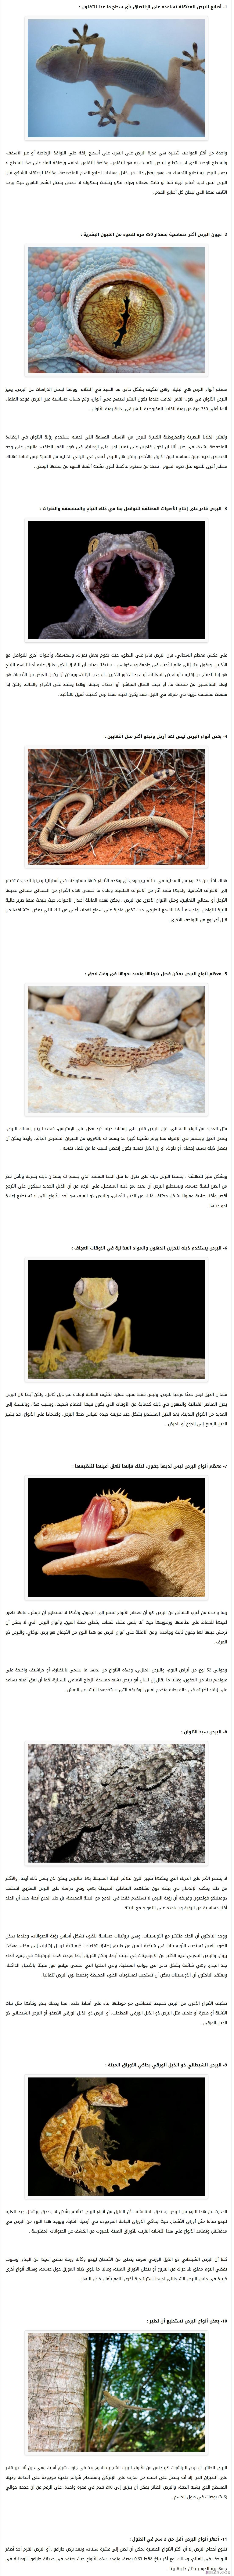 بالصورحقائق تعرفها البرص 3dlat.com_18_18_f726